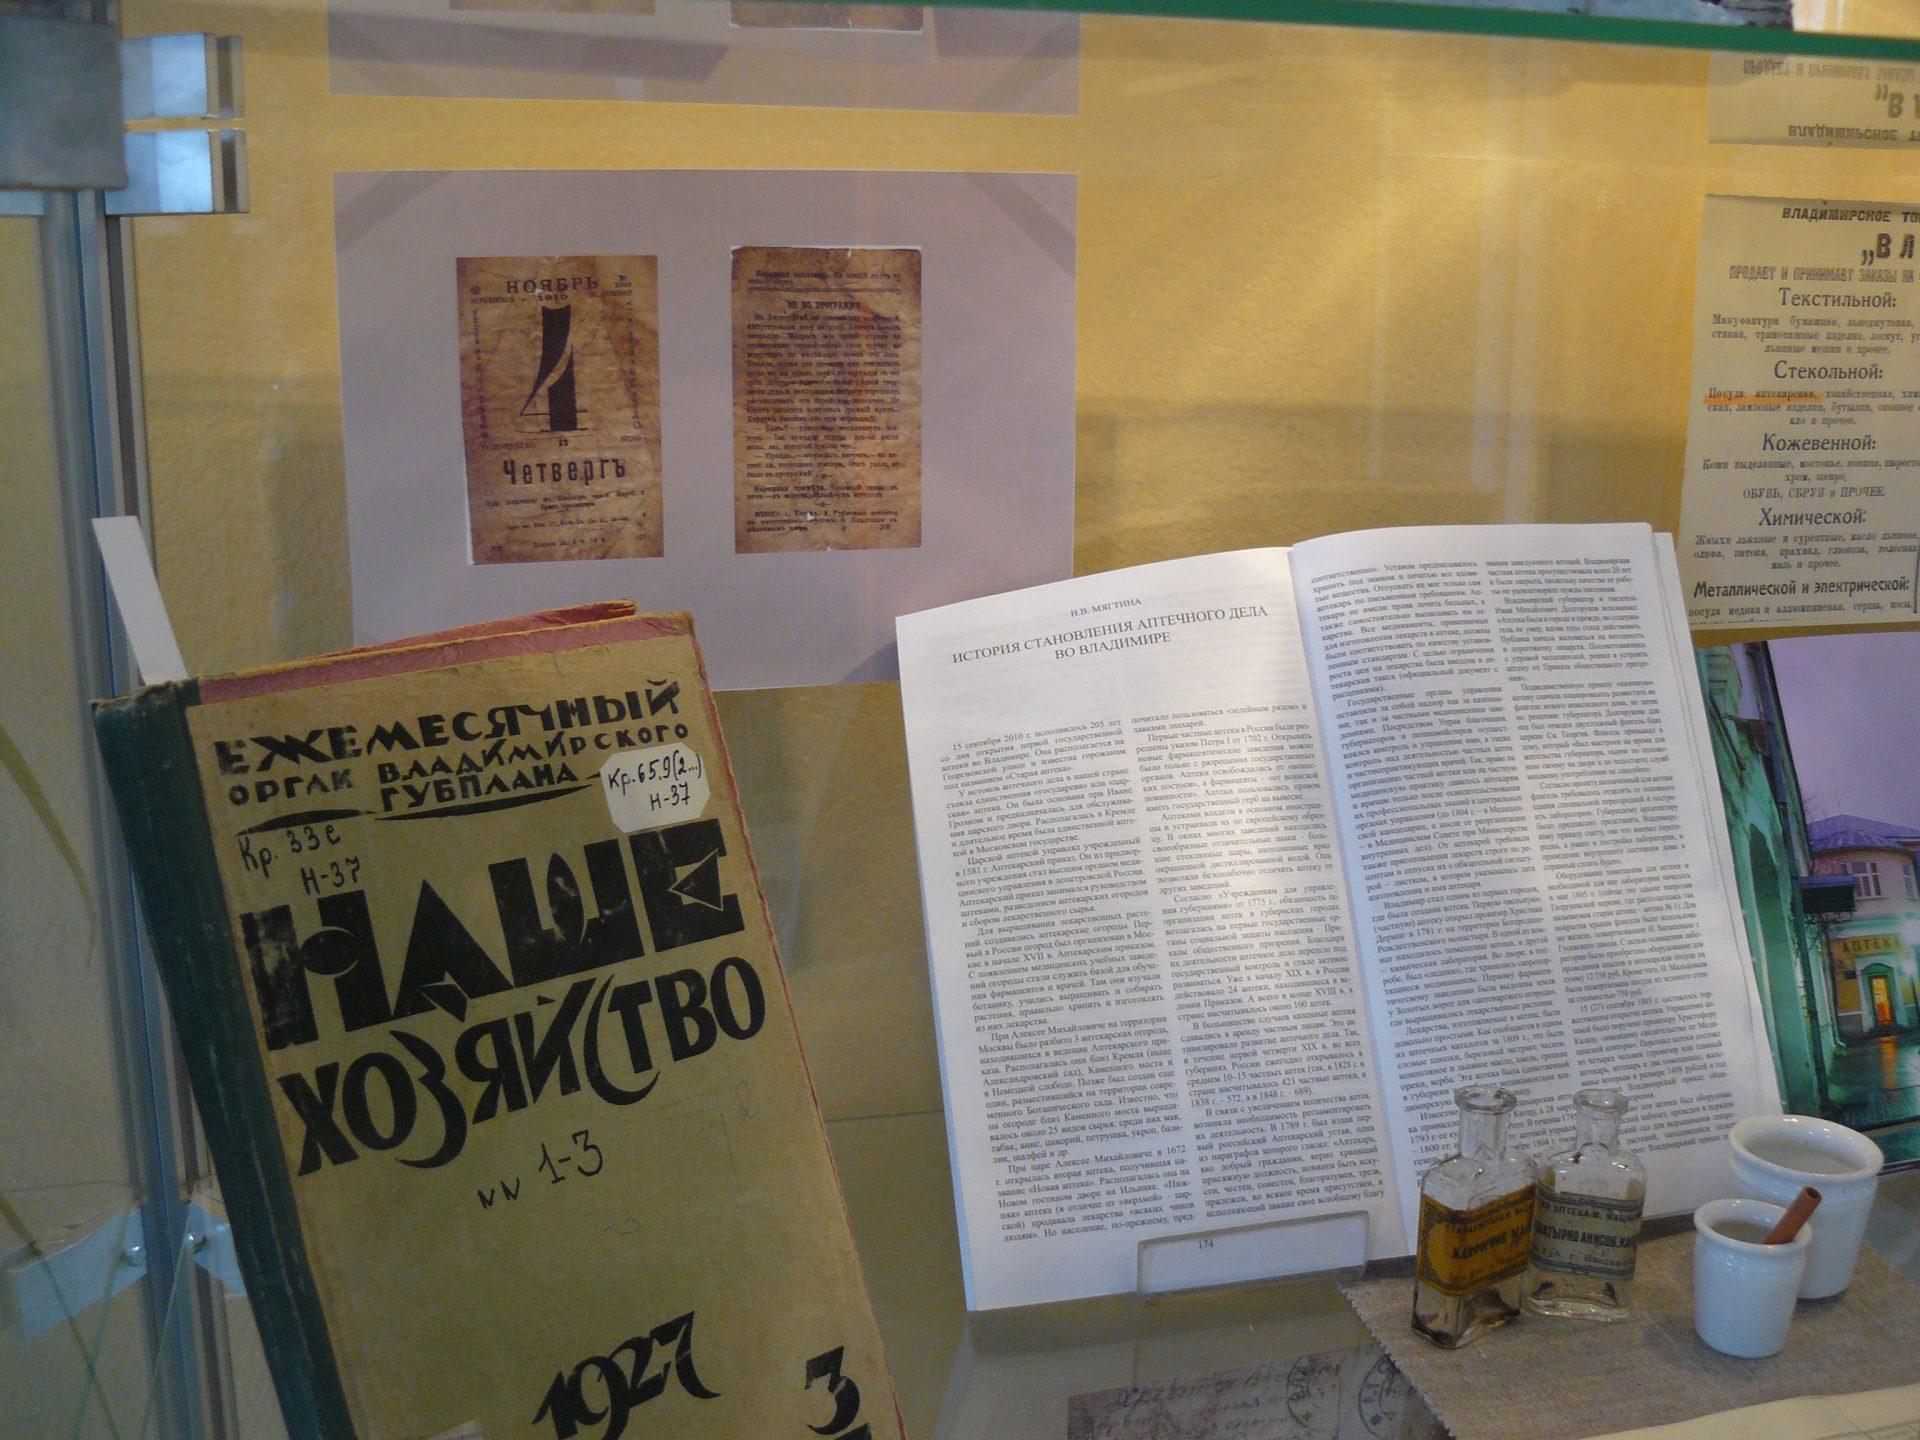 Лист старого календаря и другие предметы из дома Пашенцева.